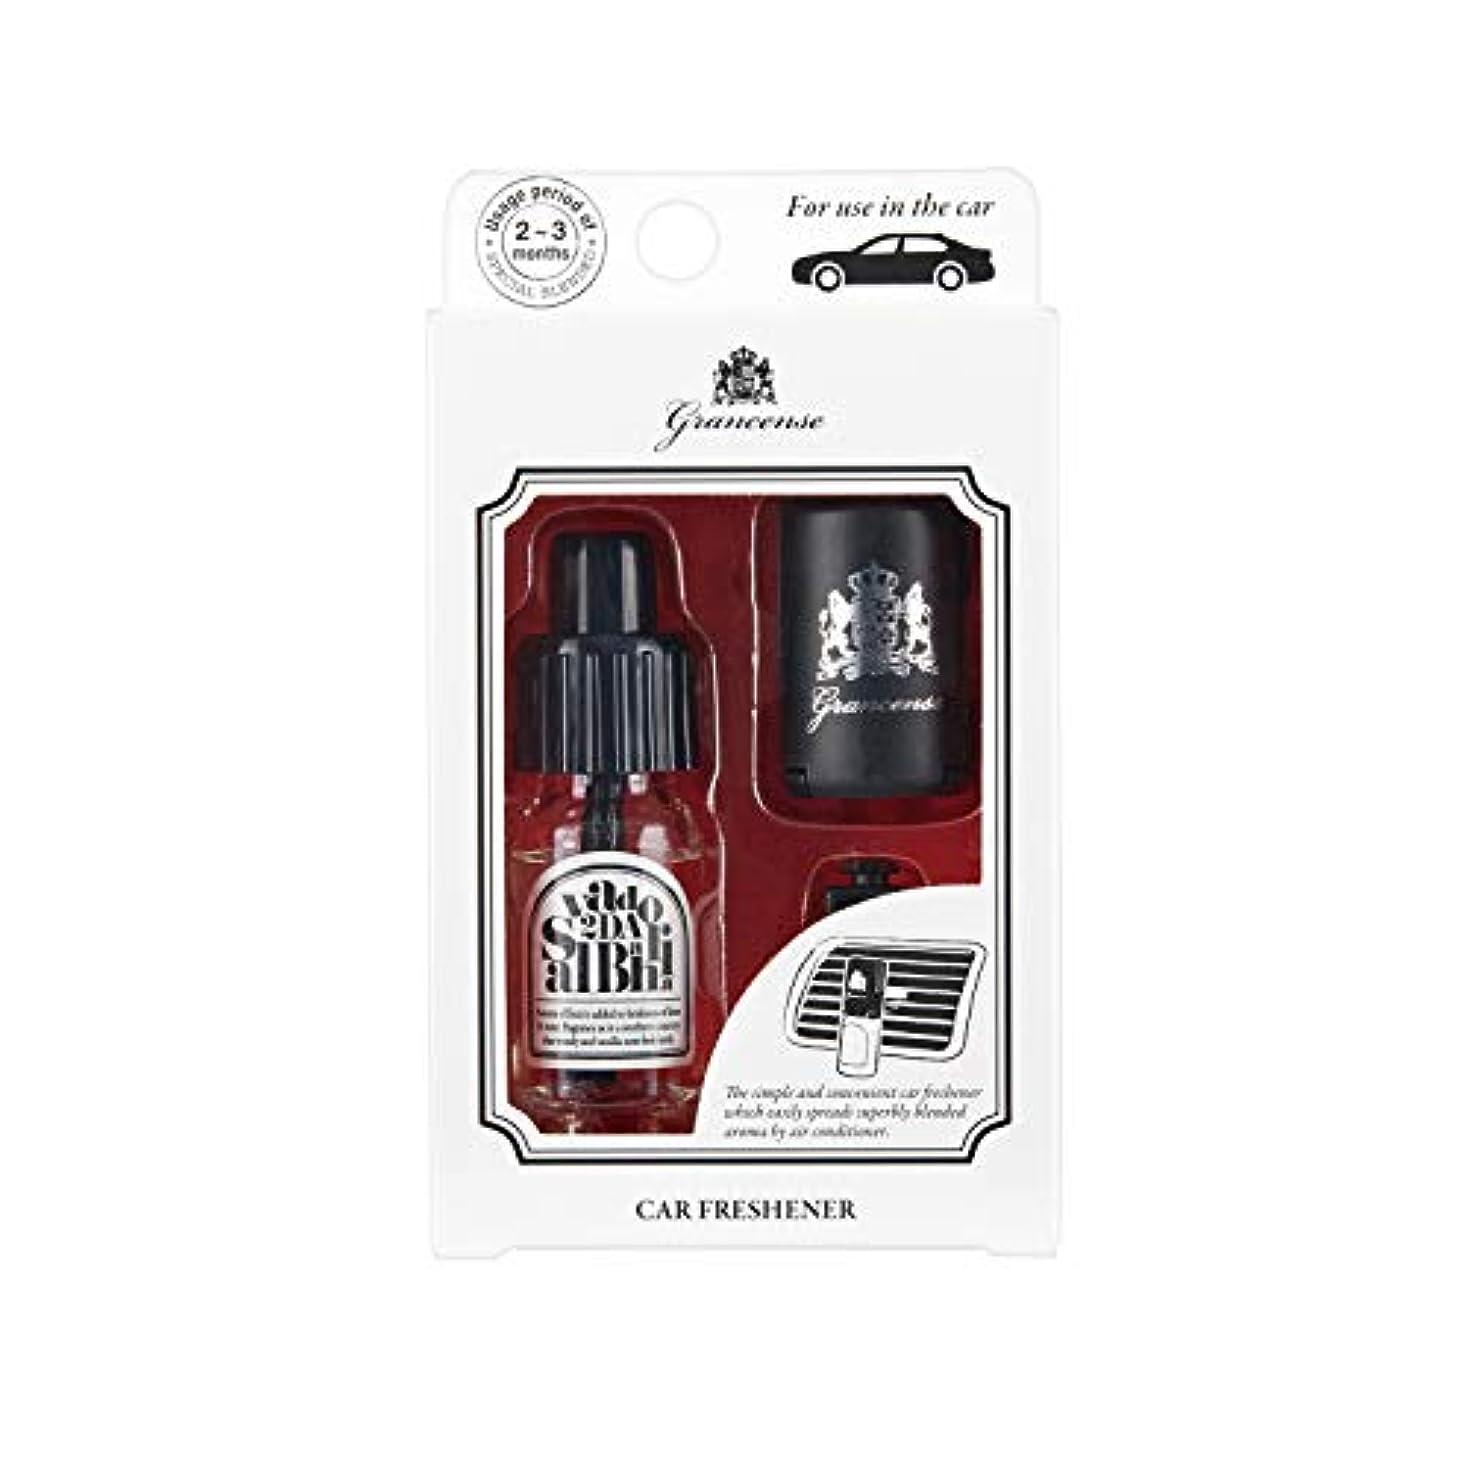 空痛い接尾辞グランセンス カーフレッシュナー サルバドール 10mL (車用芳香剤 カーディフューザー 2-3ヶ月 日本製)